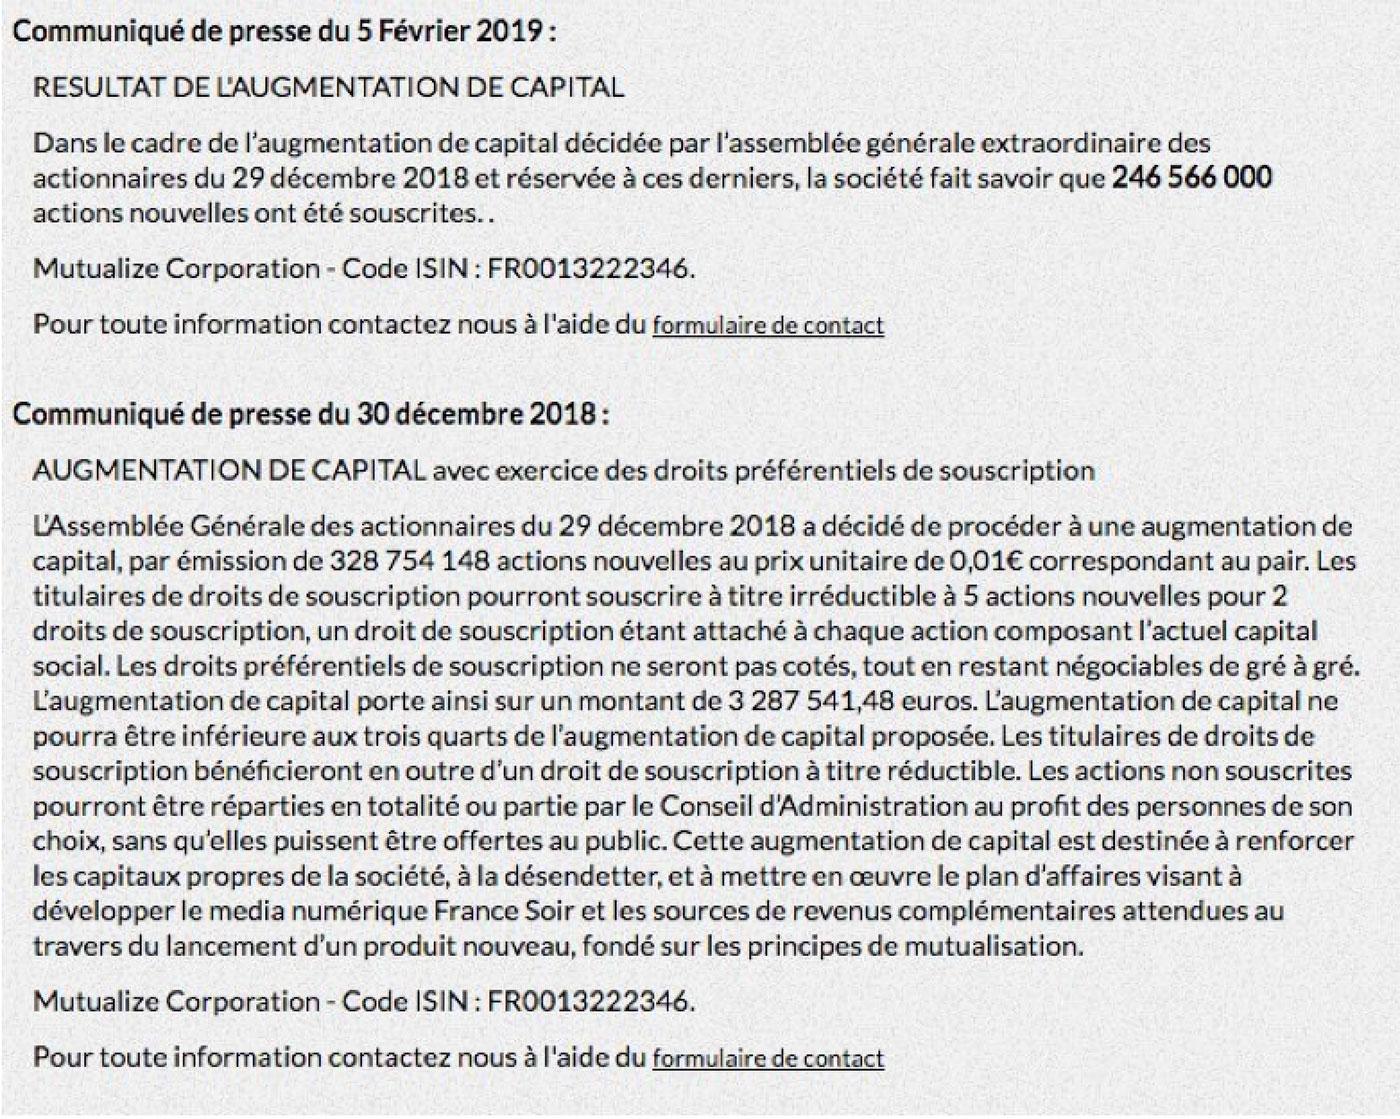 Communiqué de presse du groupe France soir du 30 décembre 2018 et du 5 février 2019